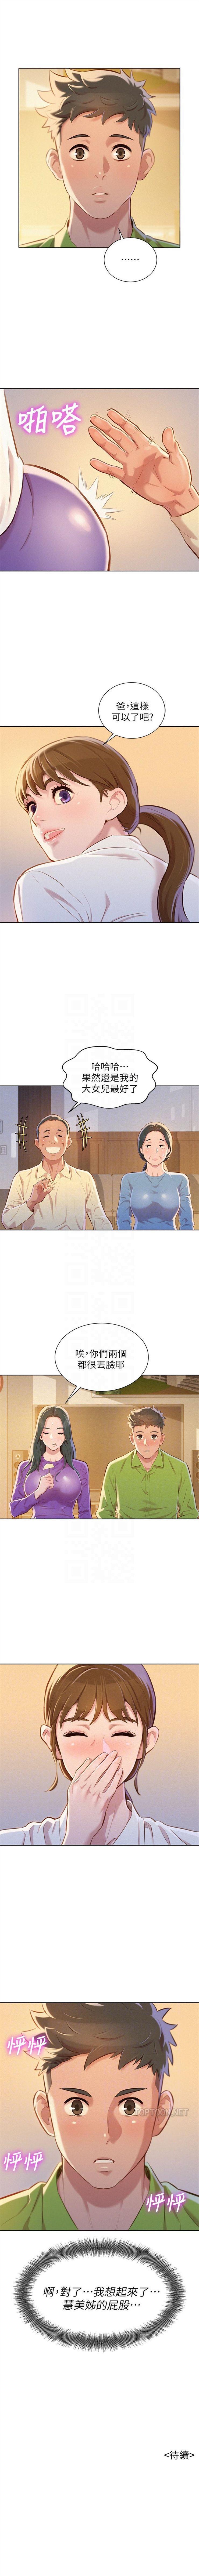 (周7)漂亮干姐姐  1-81 中文翻译 (更新中) 359